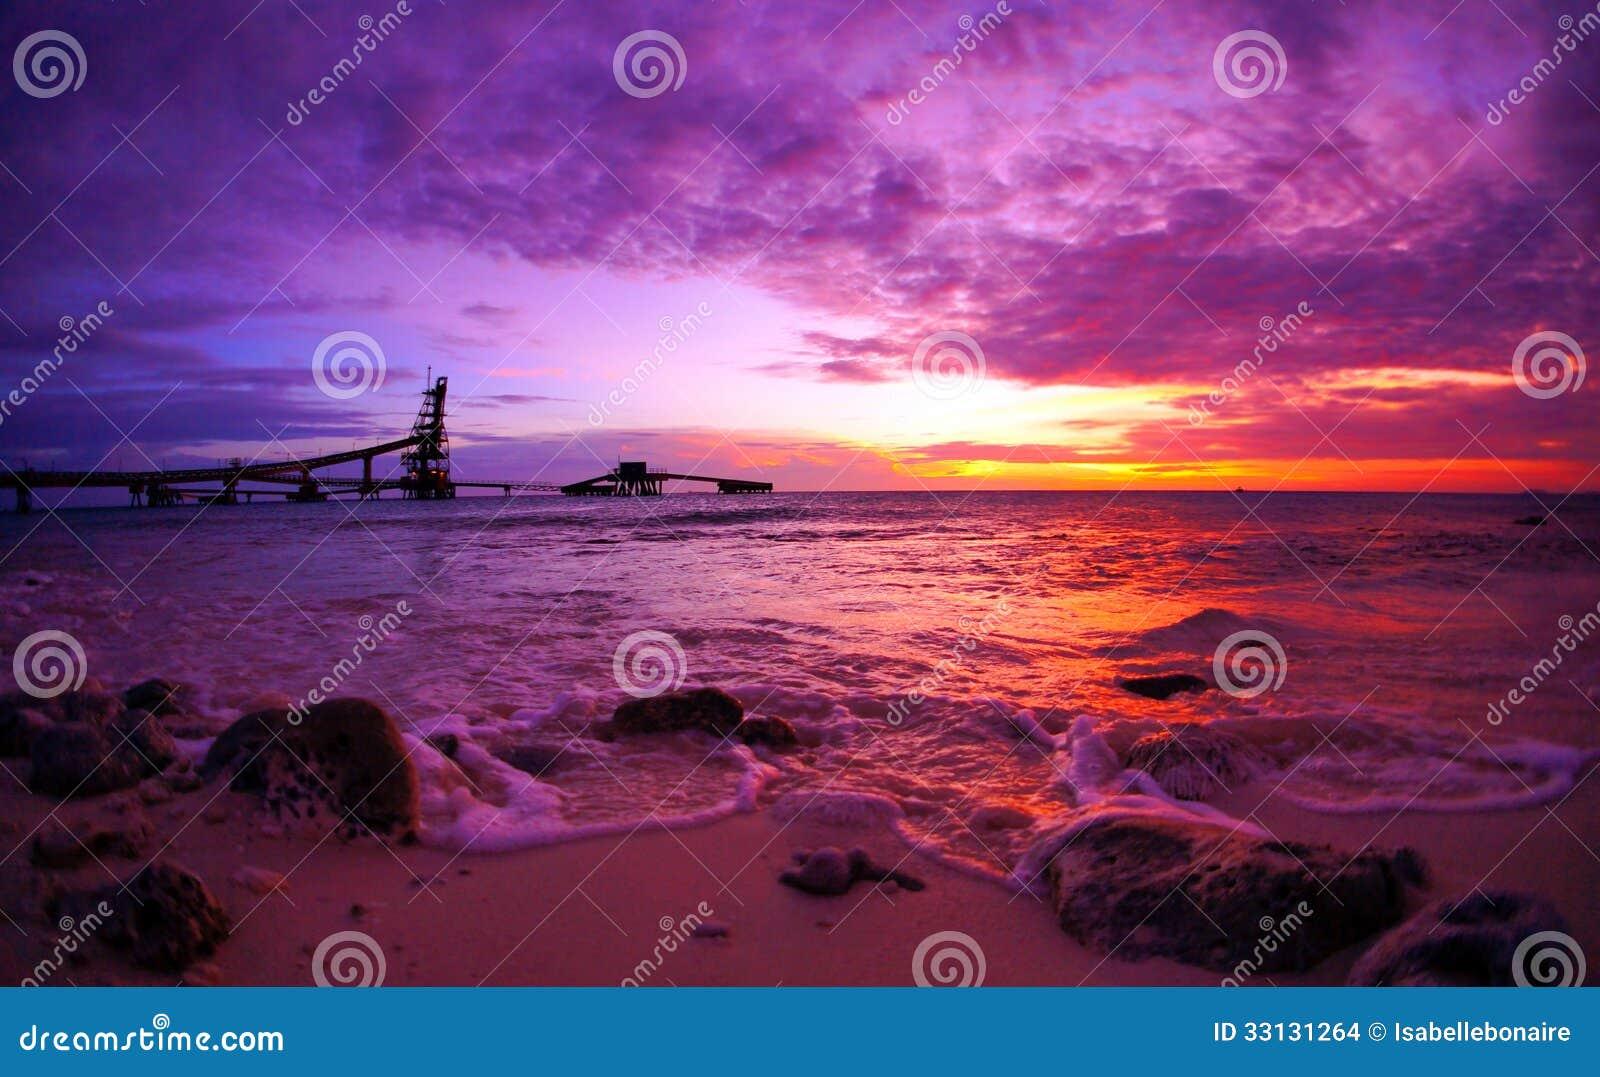 Drastischer szenischer Sonnenuntergang